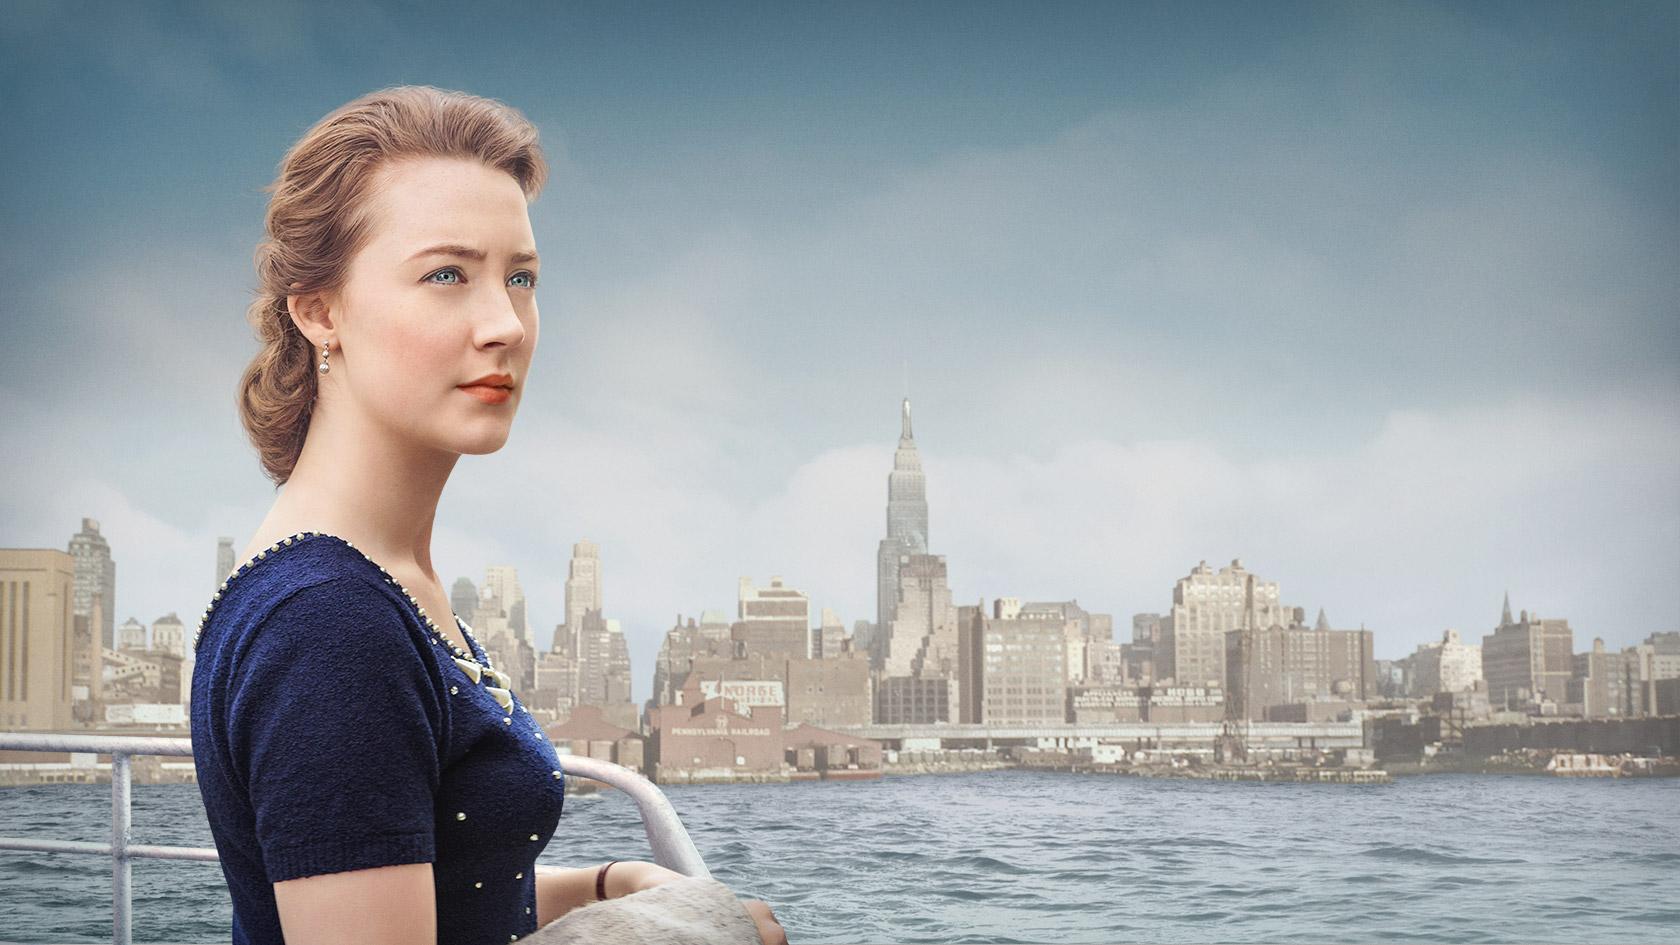 Рецензия на фильм «Бруклин» (2015)